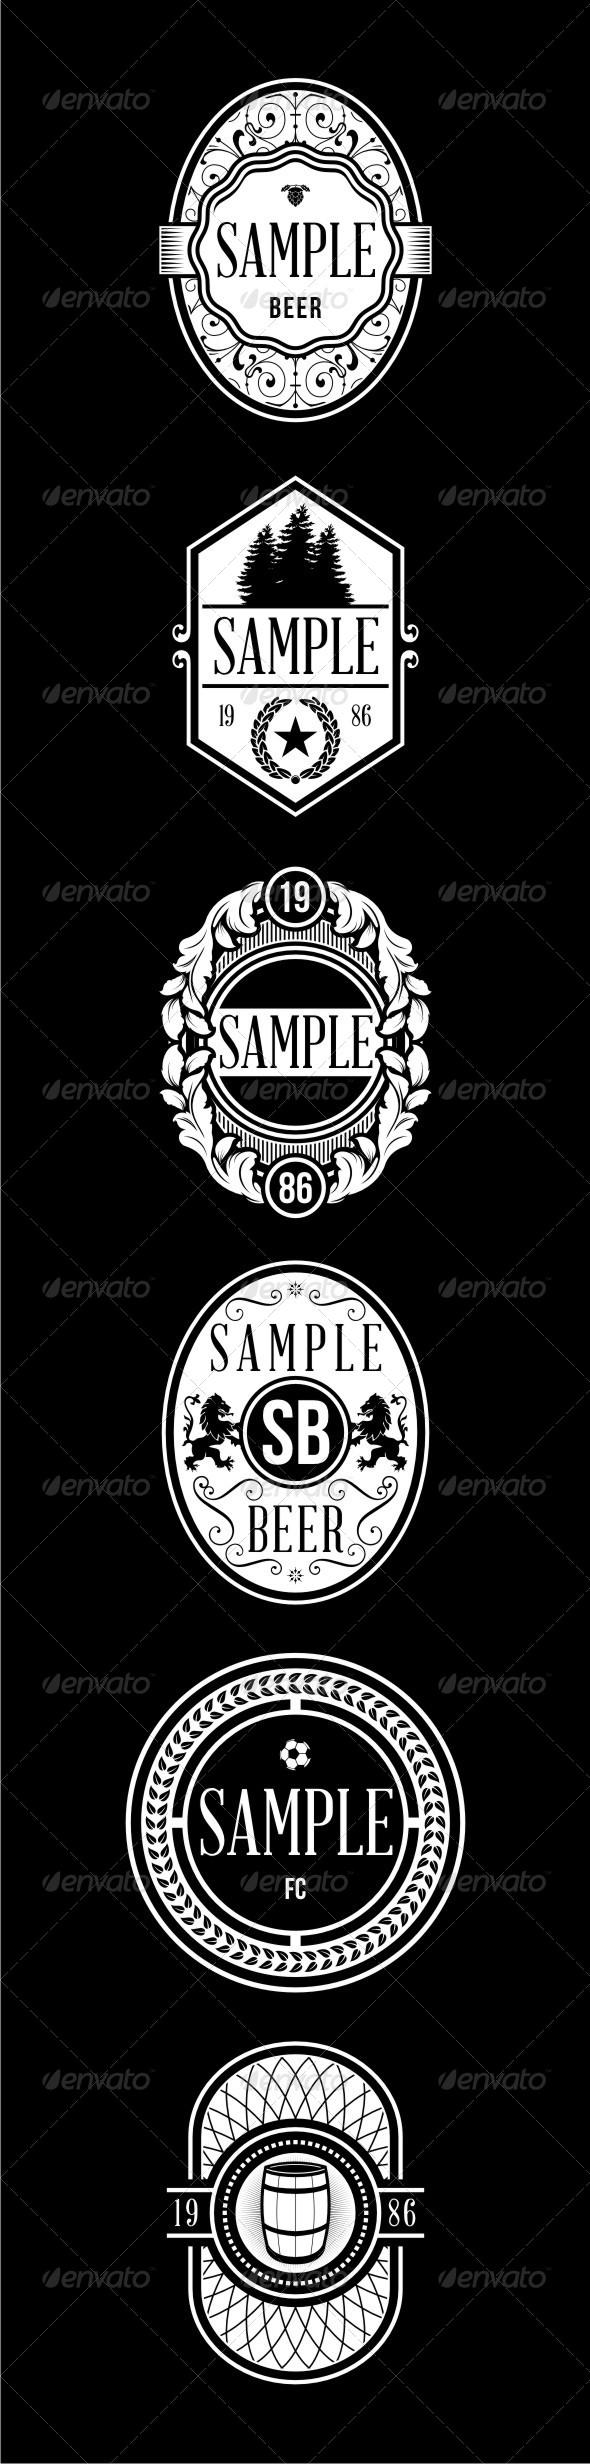 6 Vintage Badges